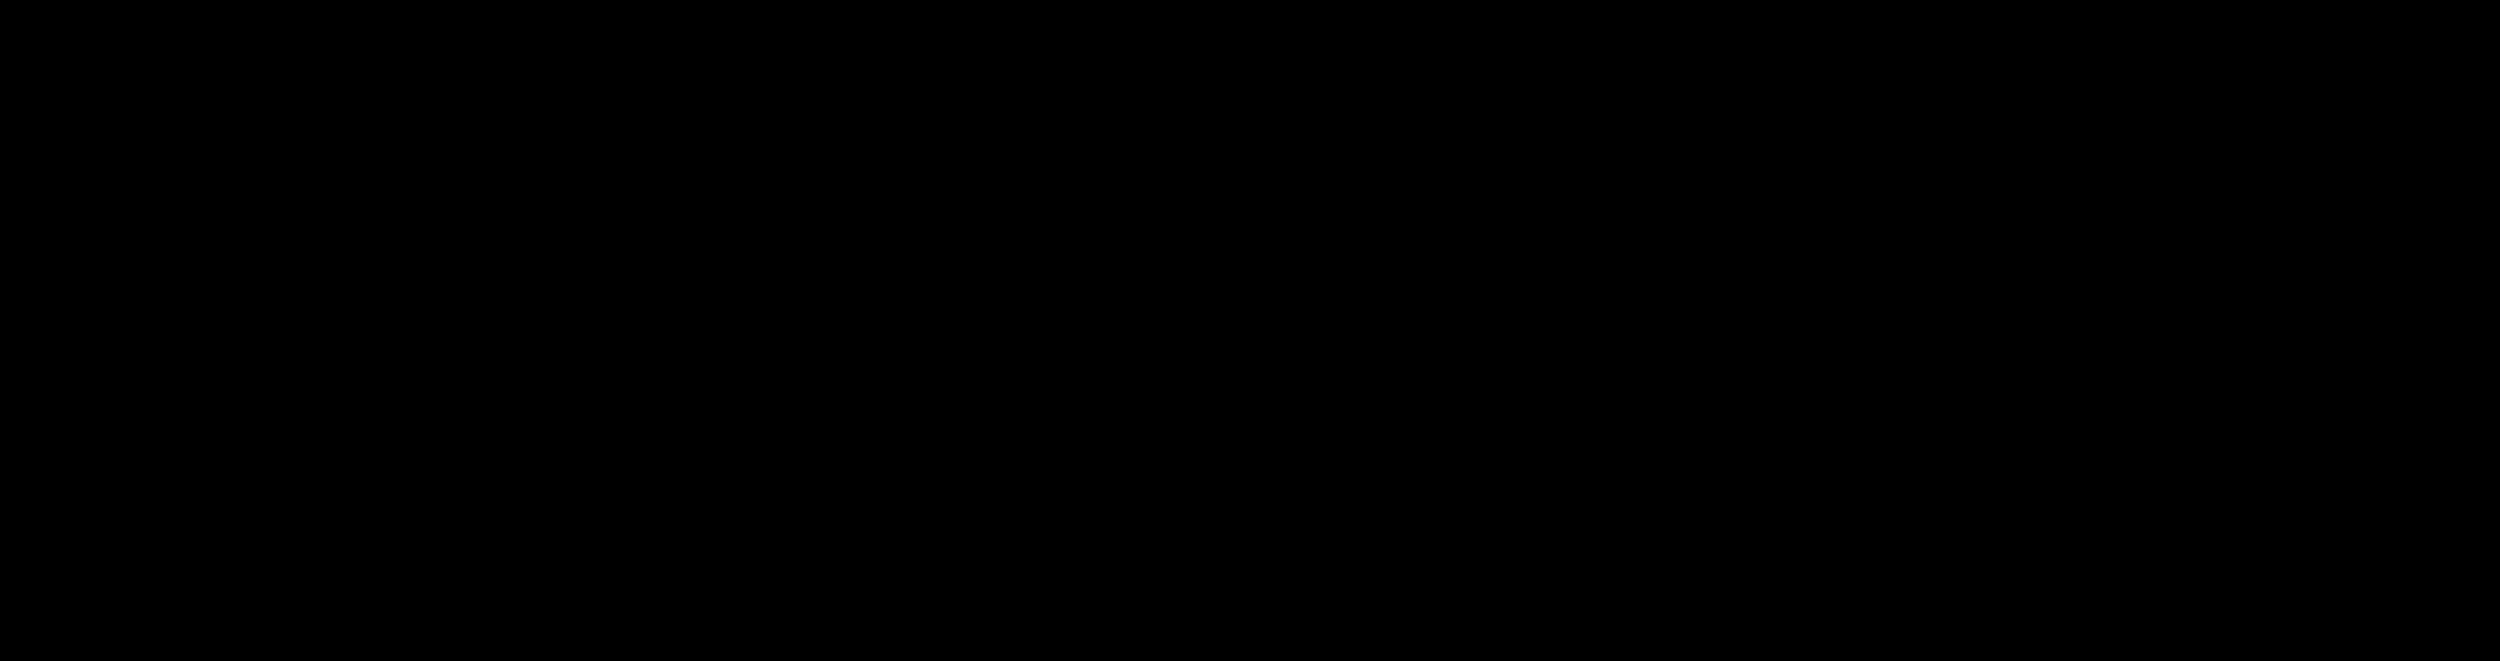 Flow_Kana_Logo_Black_transparent.png